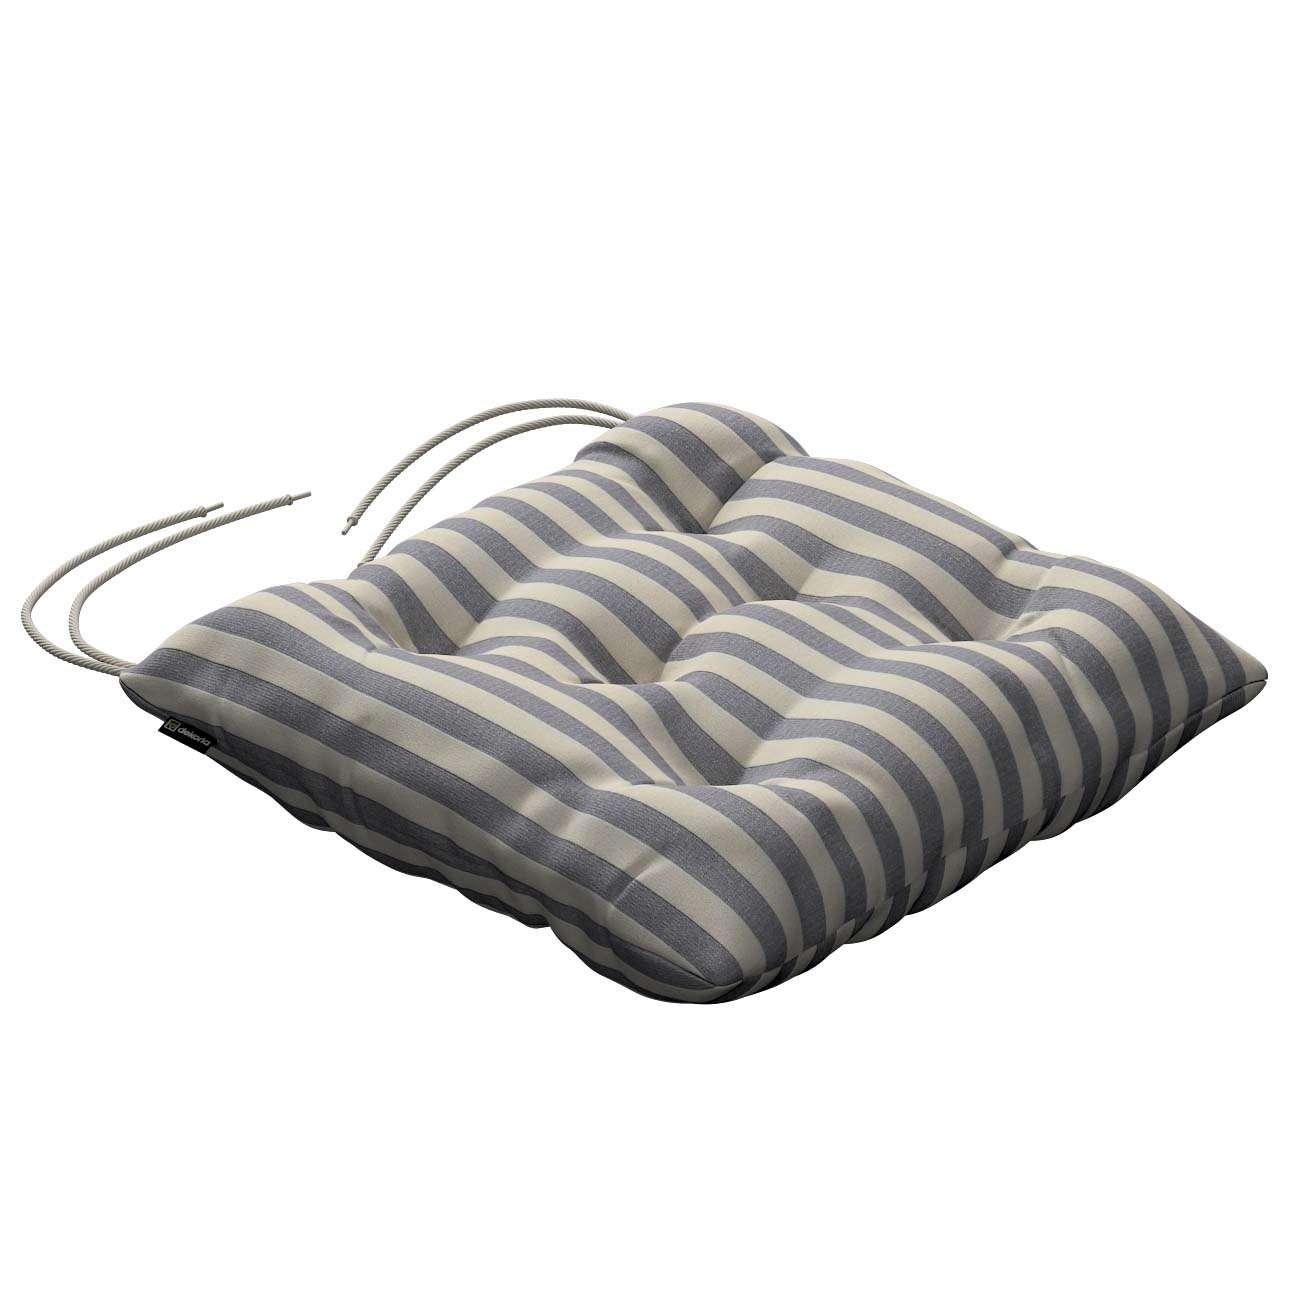 Siedzisko Jacek na krzesło 38x38x8cm w kolekcji Quadro, tkanina: 136-02